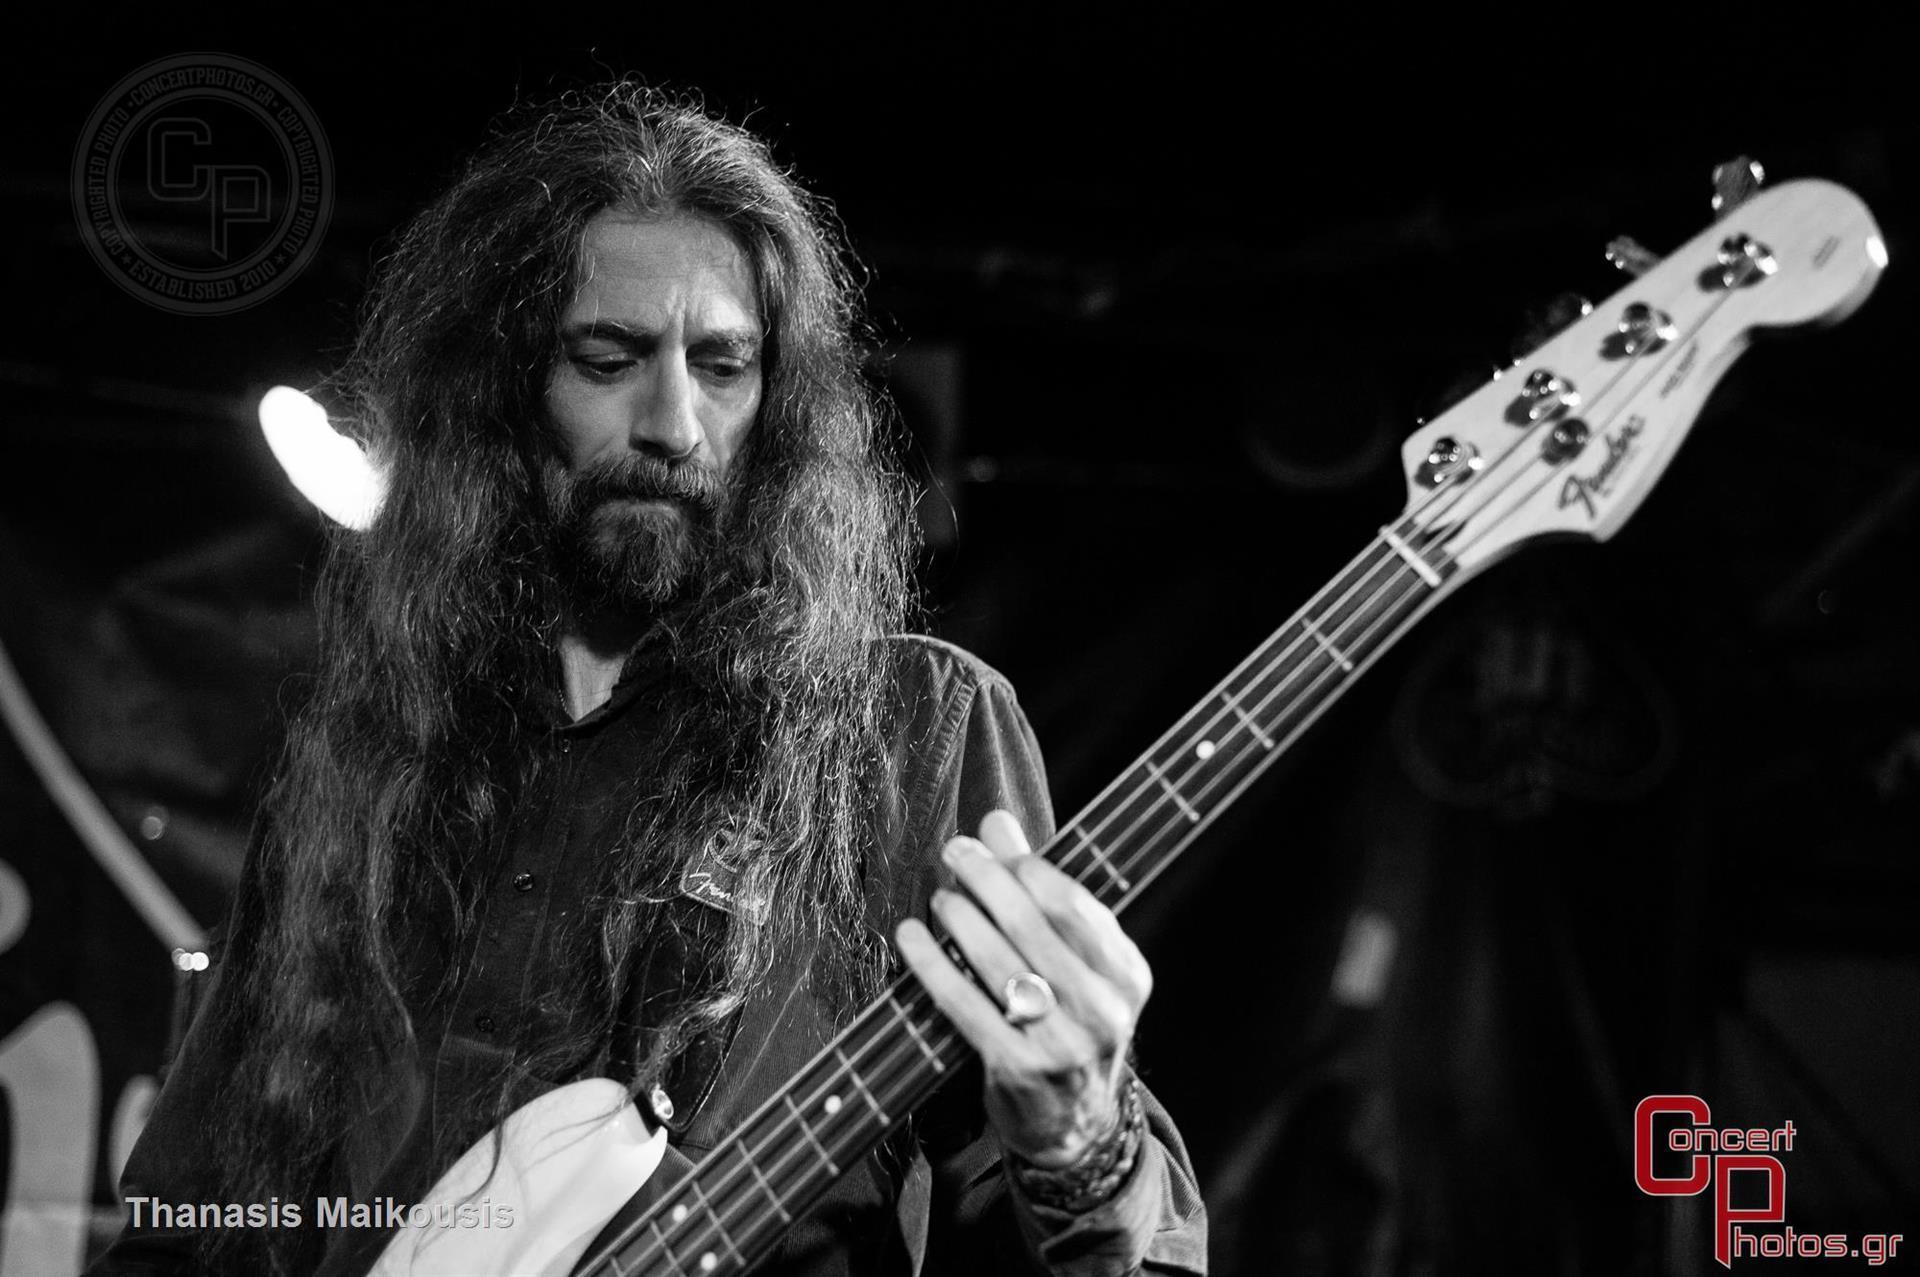 Battle Of The Bands Leg 5-Battle Of The Bands Leg 4 photographer: Thanasis Maikousis - ConcertPhotos - 20150315_2345_51